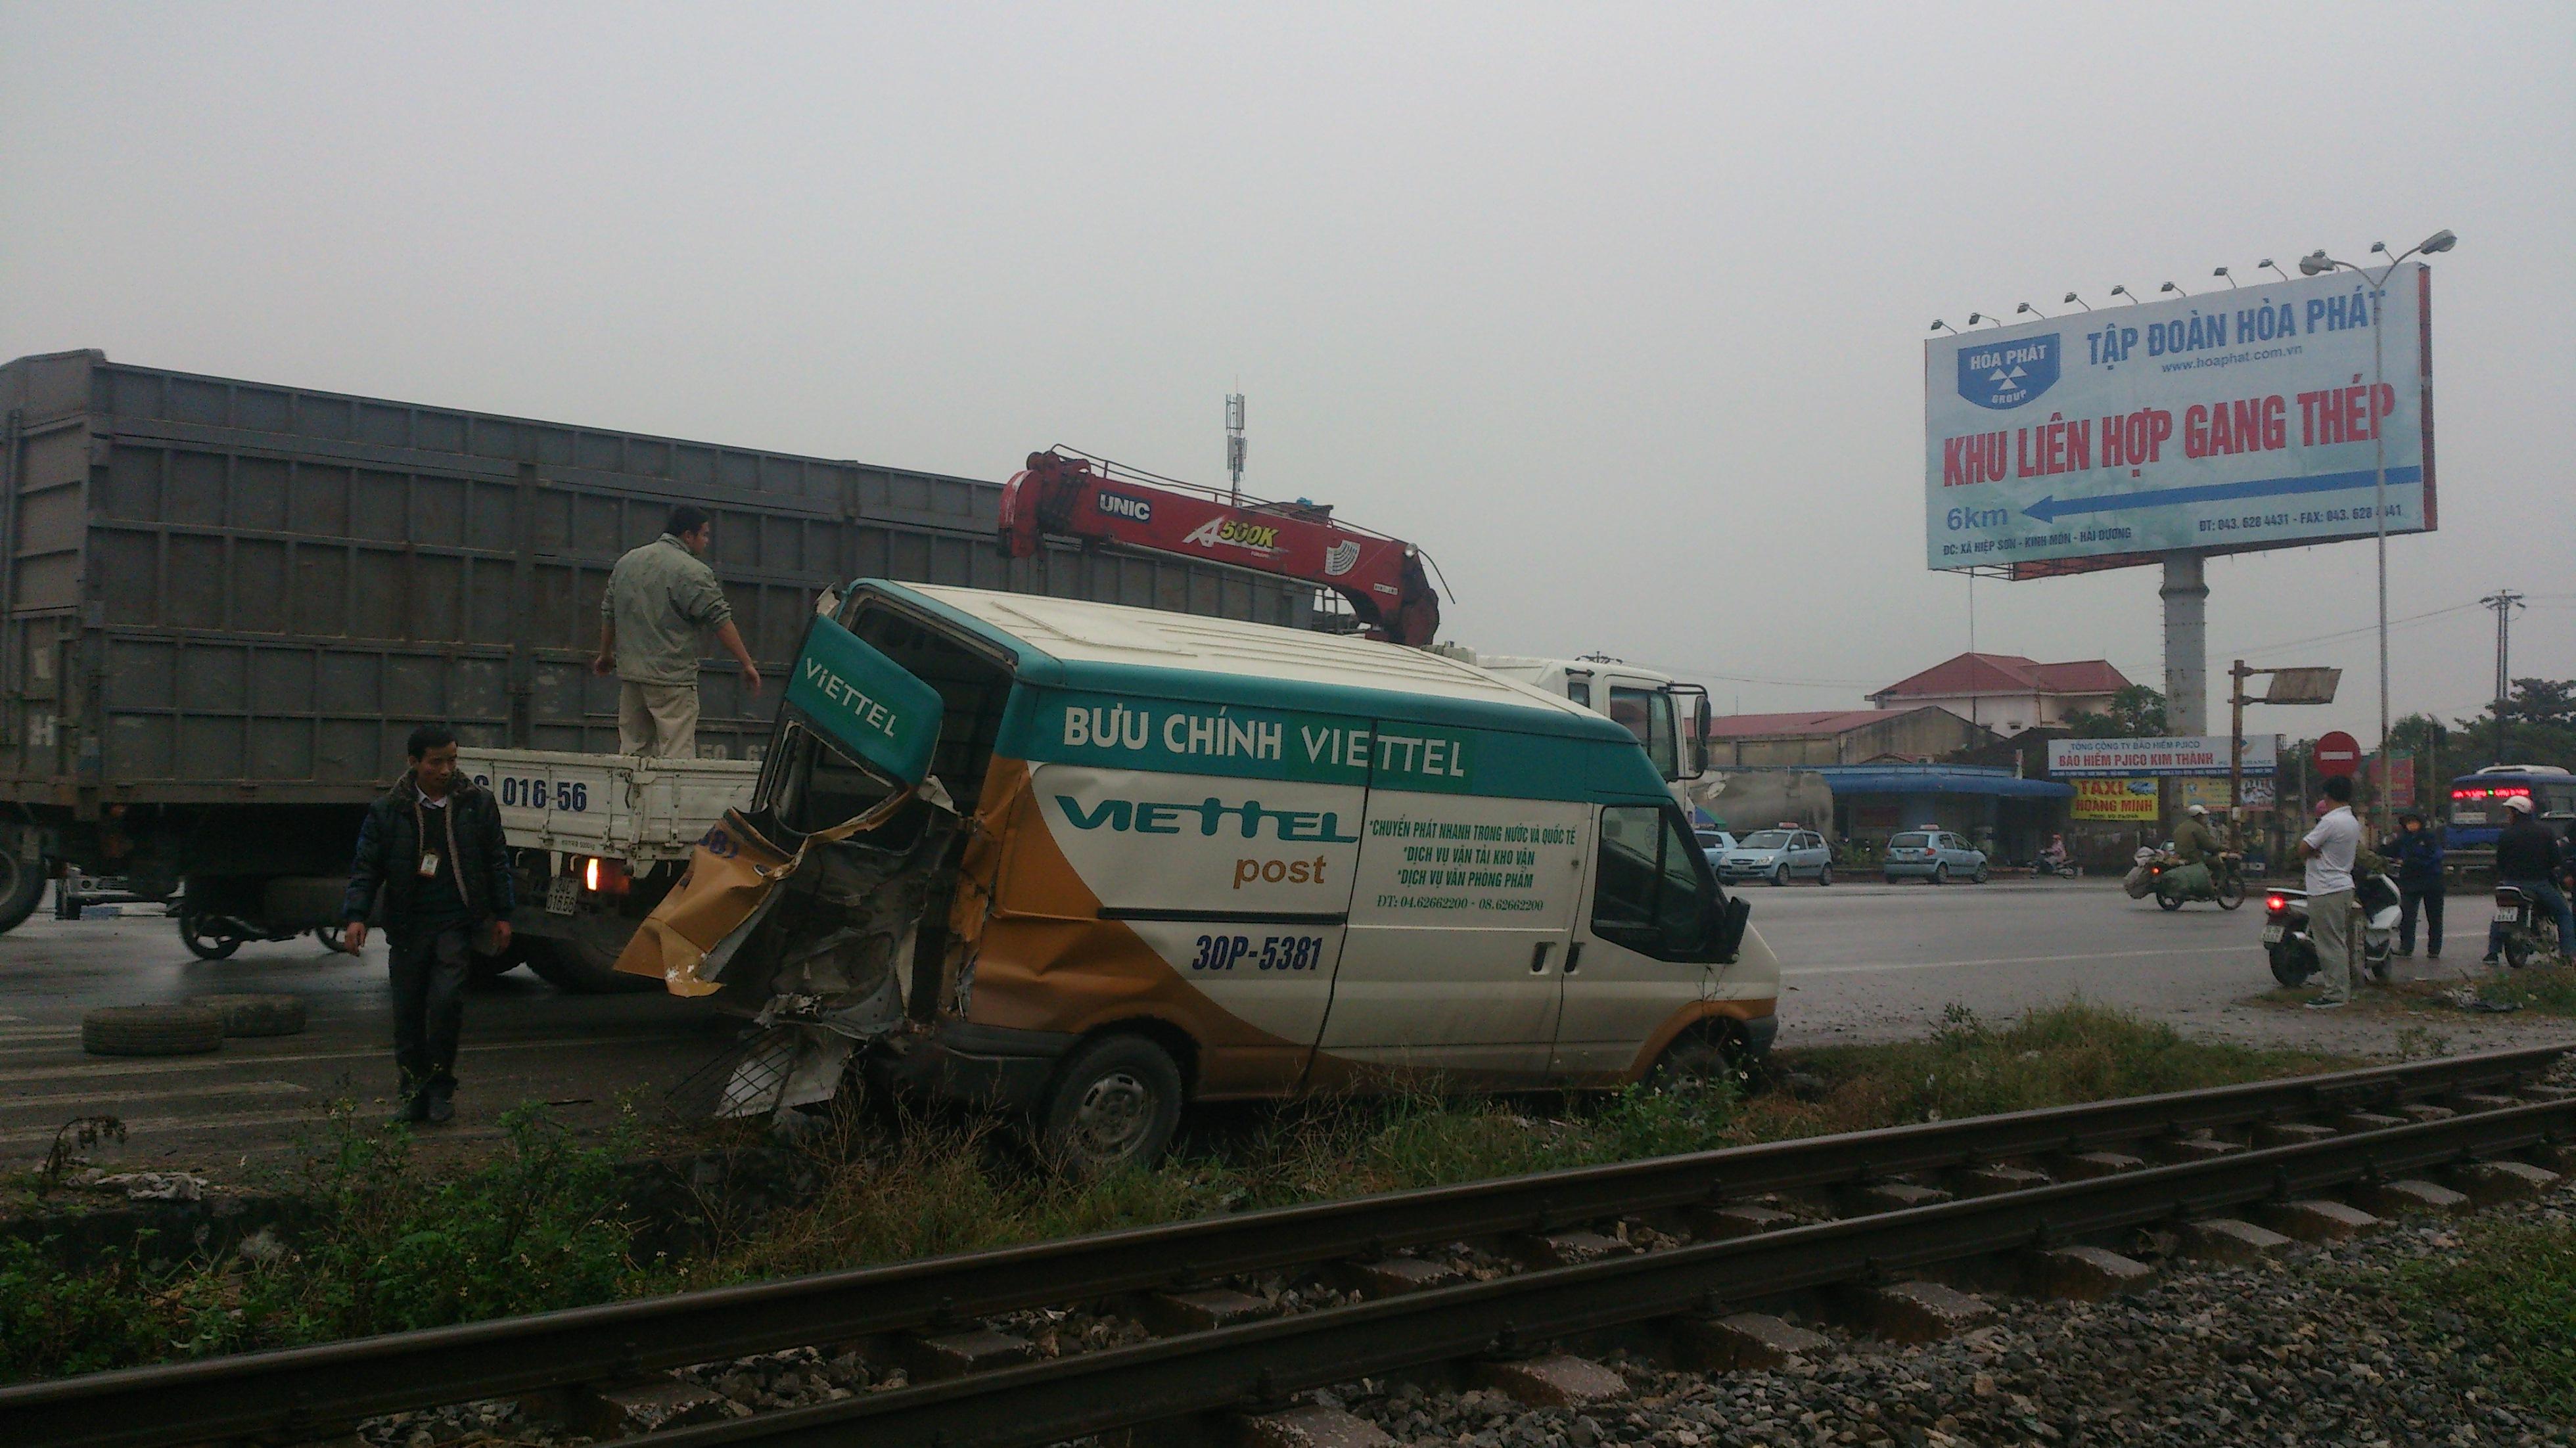 Hải Dương: Xe Viettel thoát nạn trong gang tấc   1